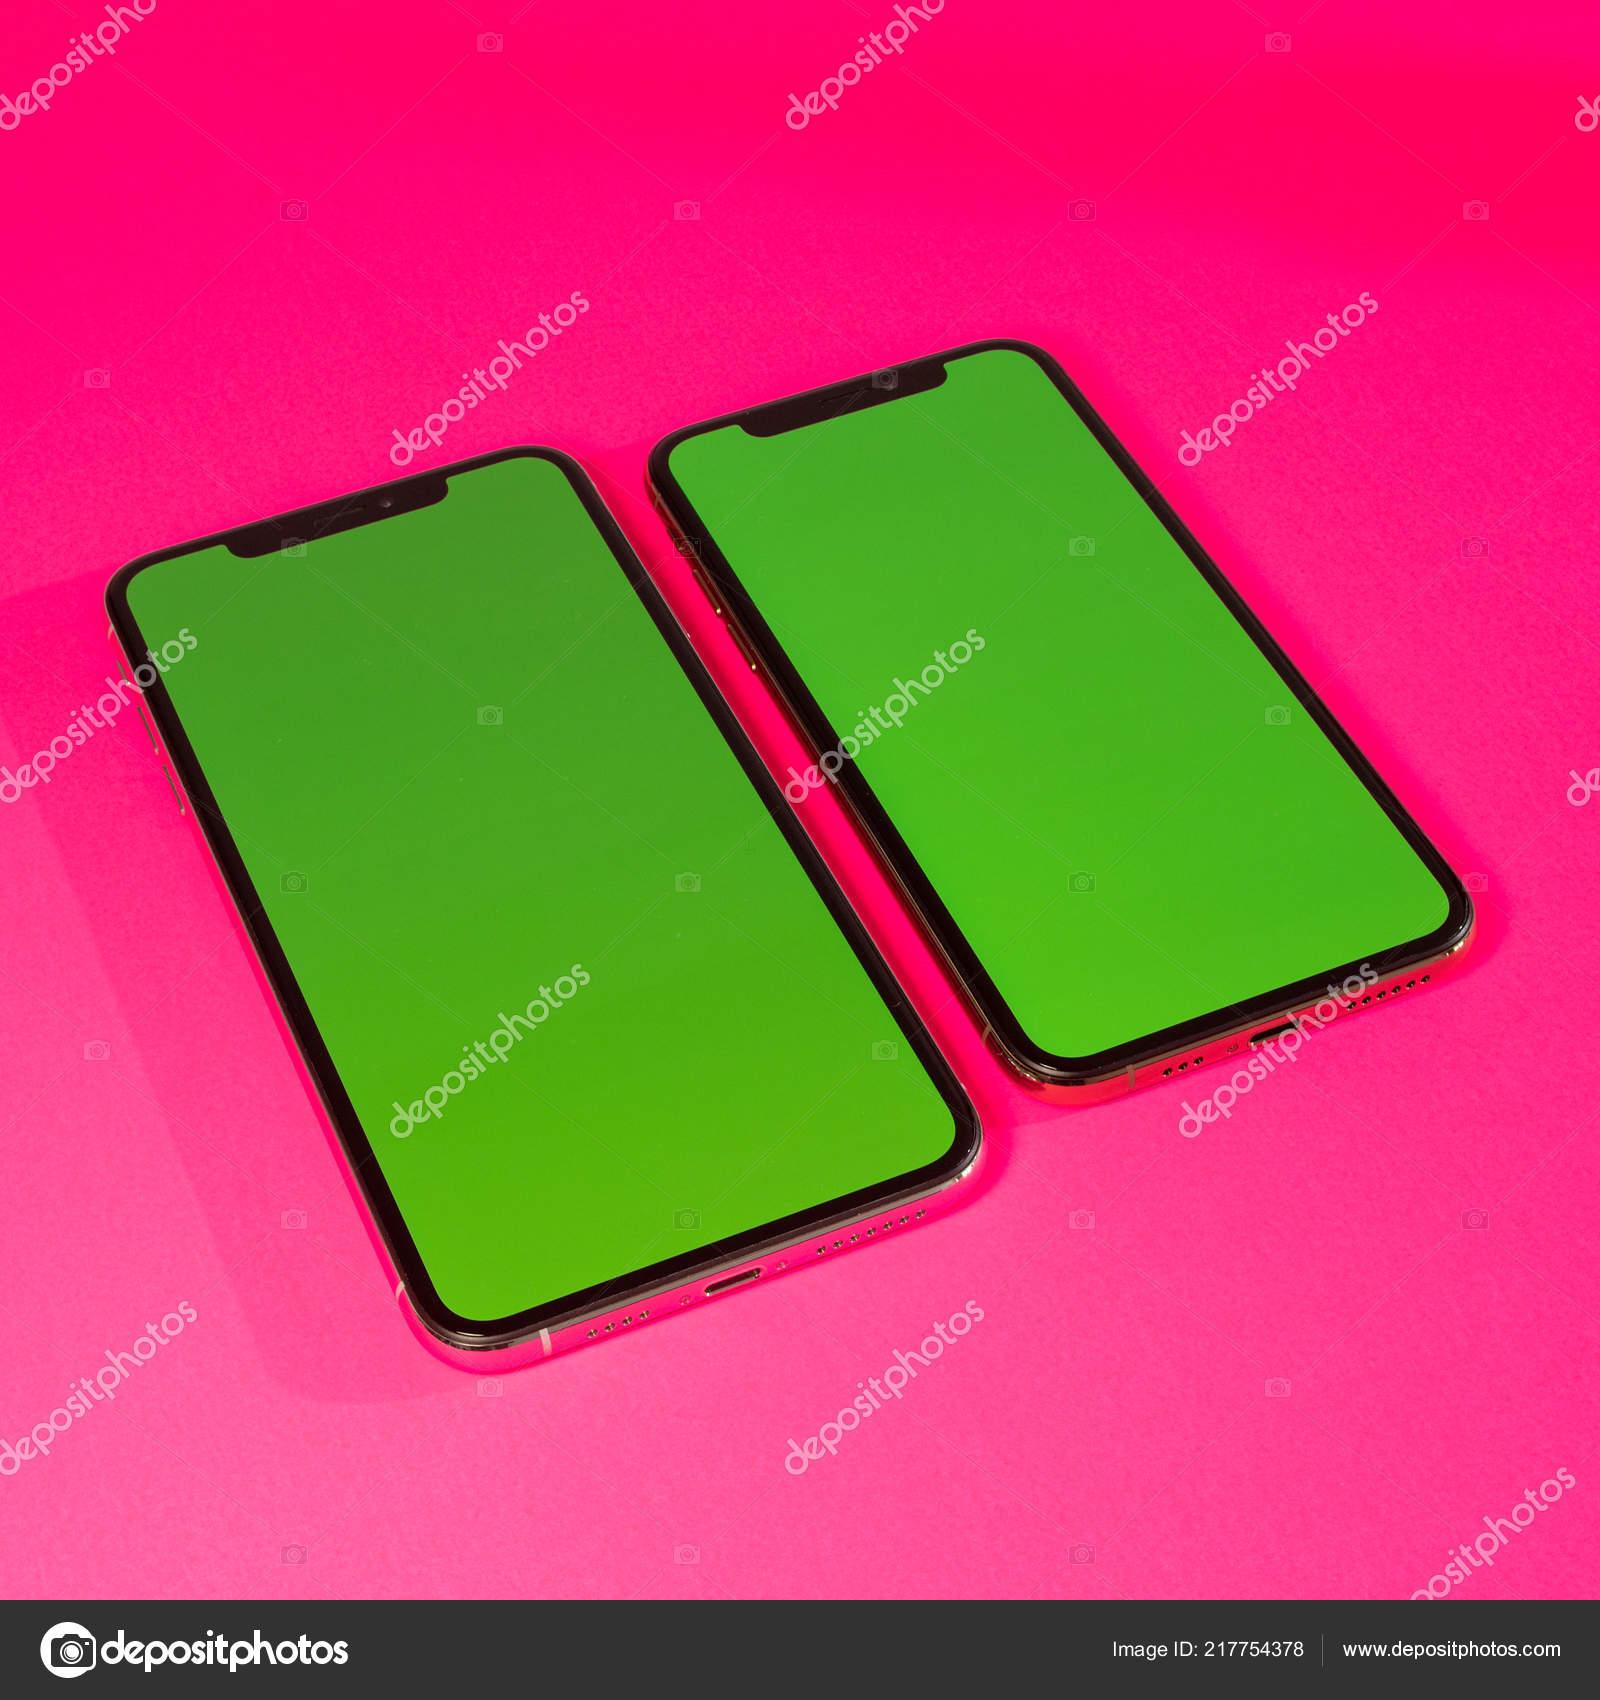 Apple Iphone Xs Max Contro Sfondo Vibrante Fucsia Foto Editoriale